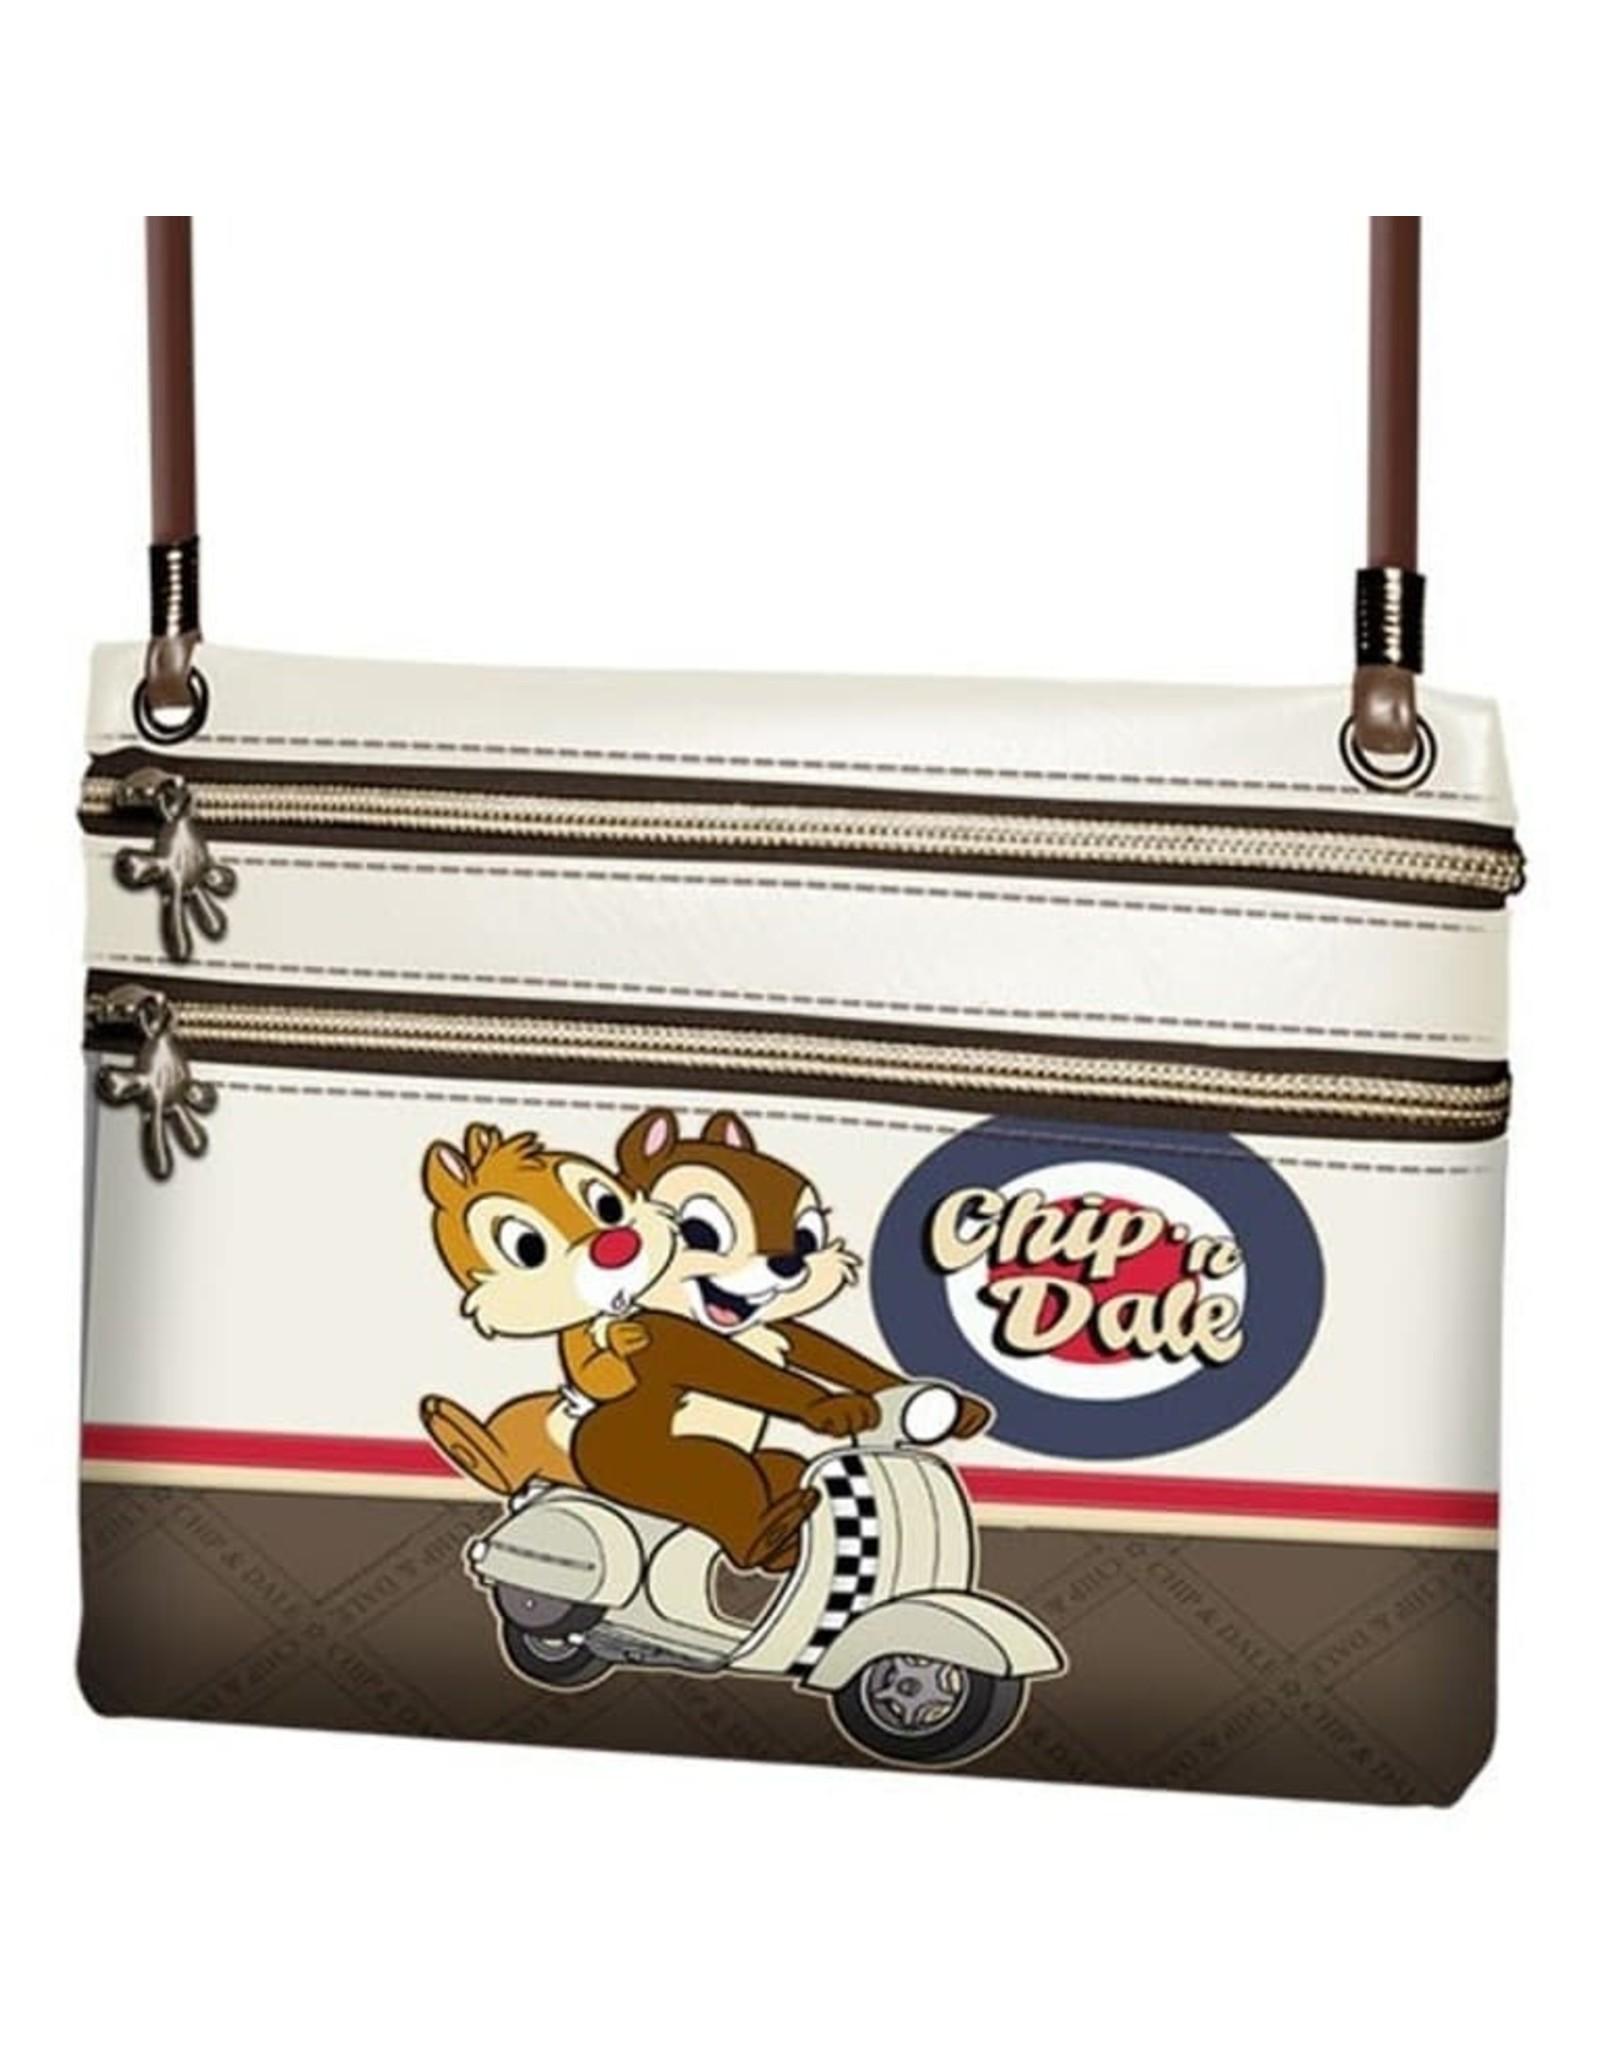 Disney Disney bags - Disney shoulder bag Chip 'n Dale Com On